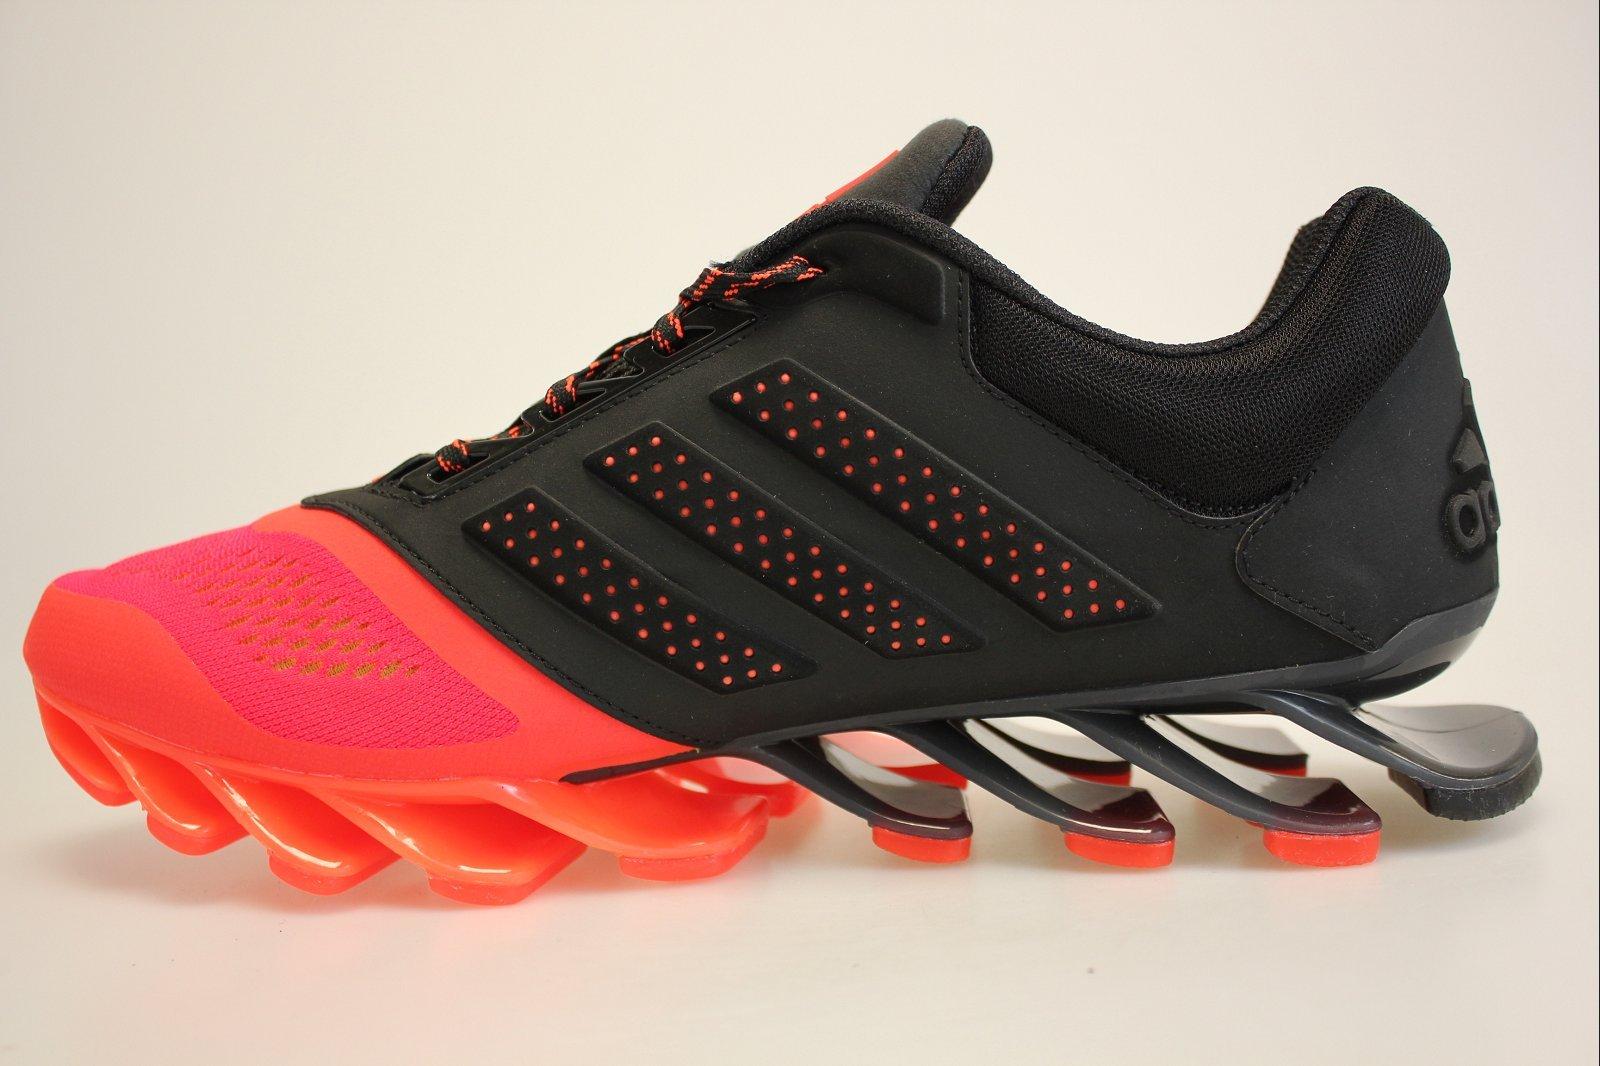 chaussure adidas semelle ressort pour des sorties bon marché